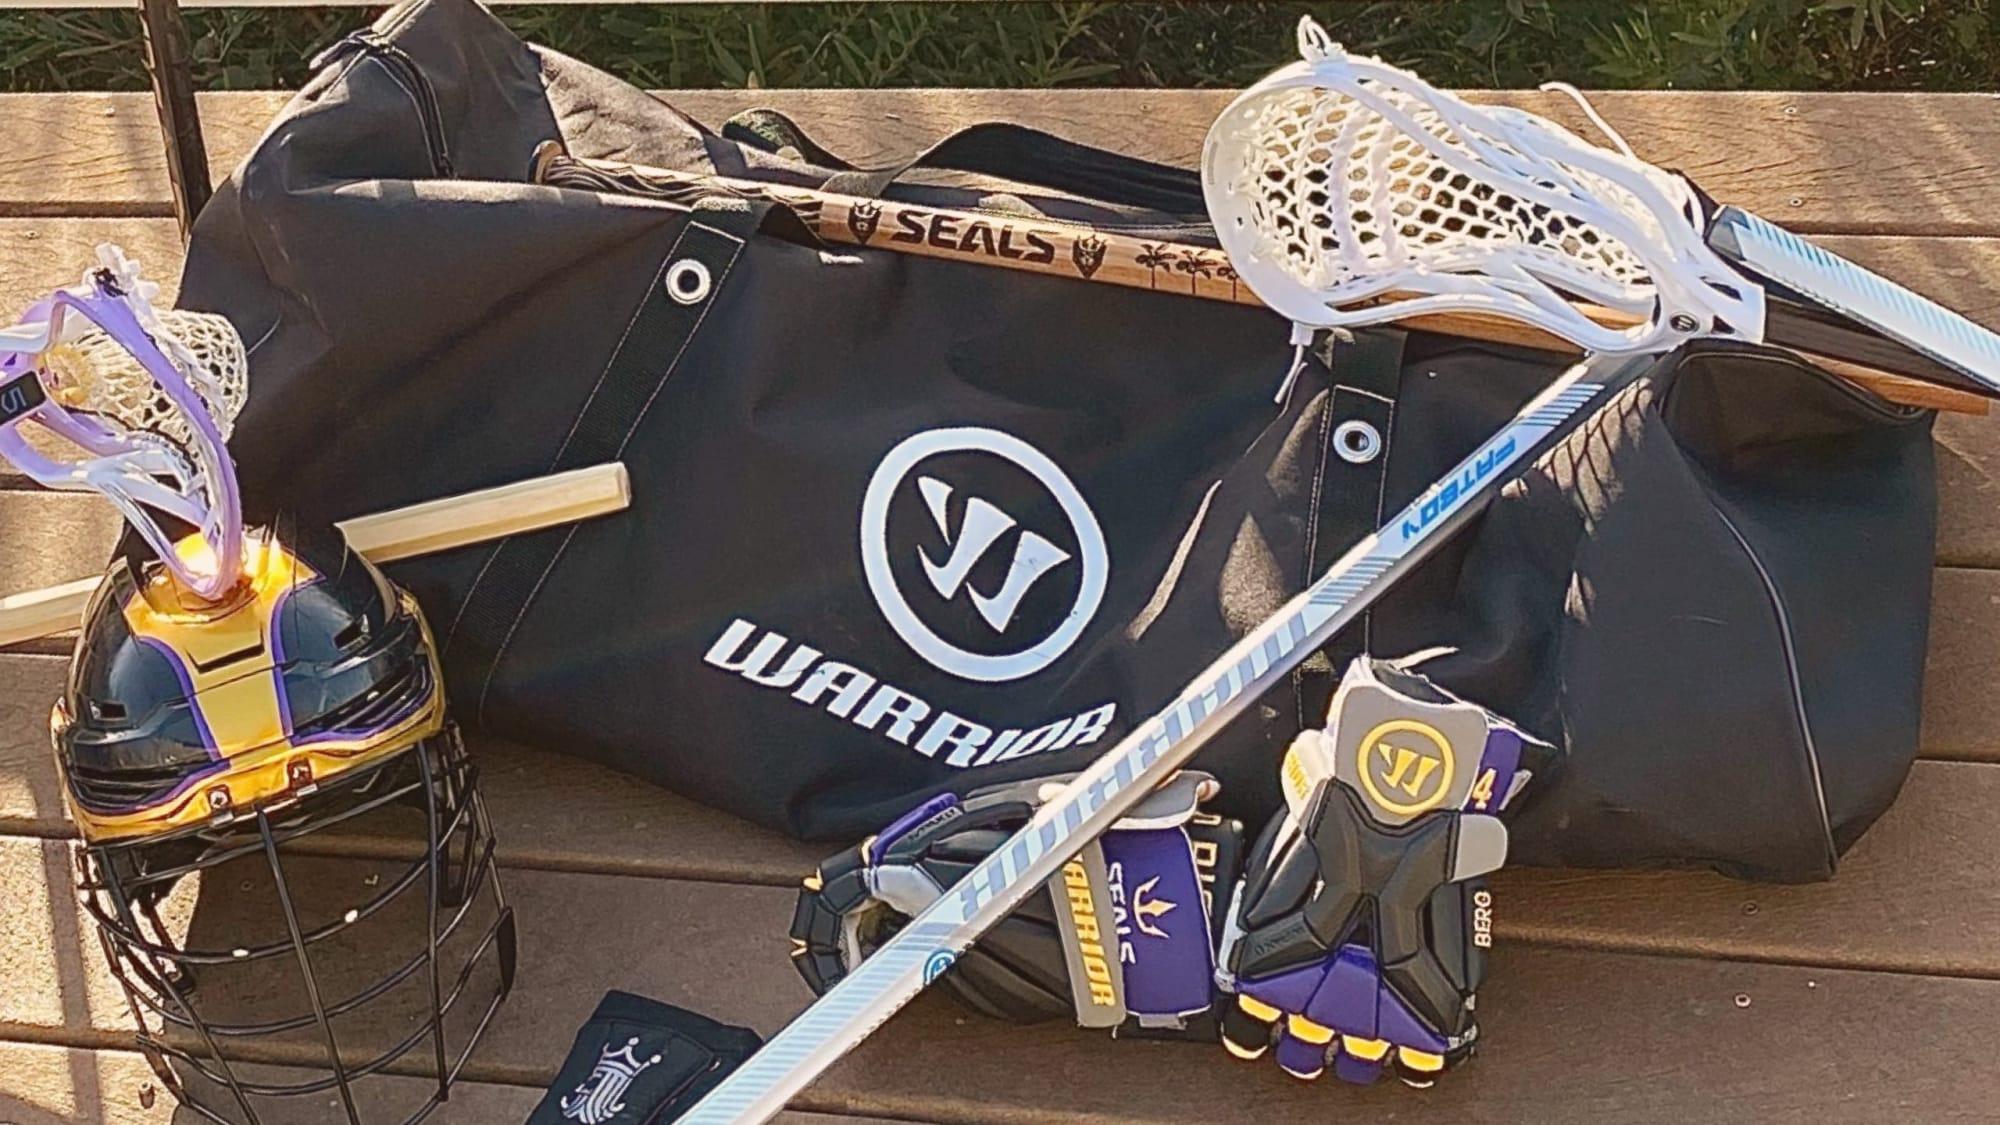 Wes Berg Lacrosse Gear